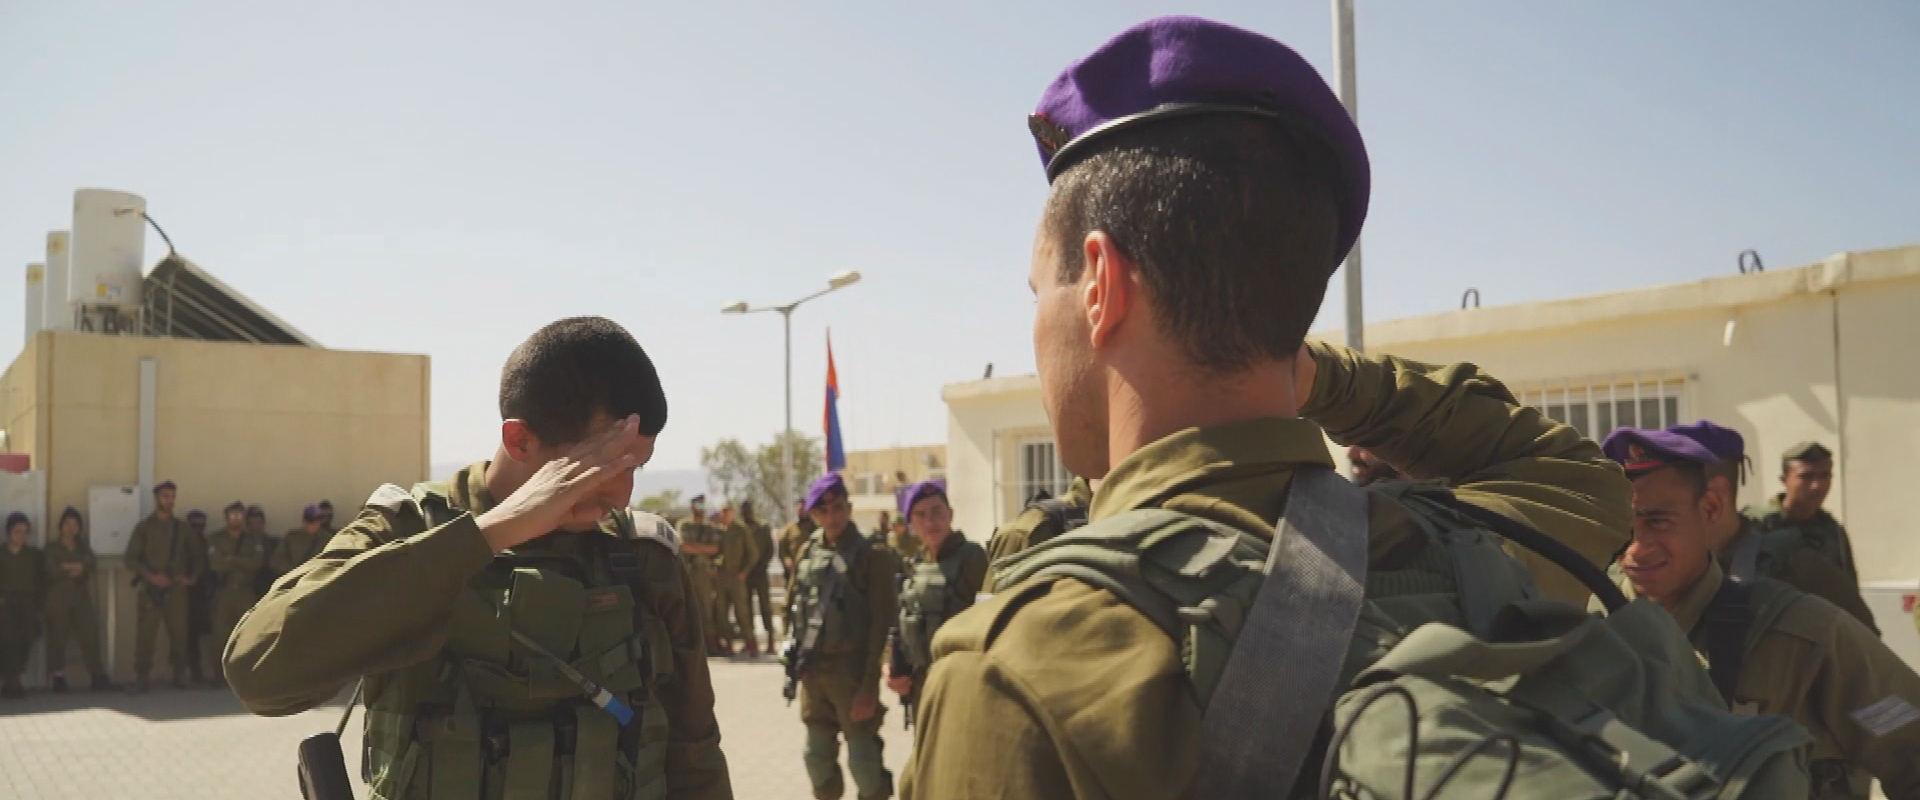 הצעיר ממזרח ירושלים בטקס קבלת כומתה